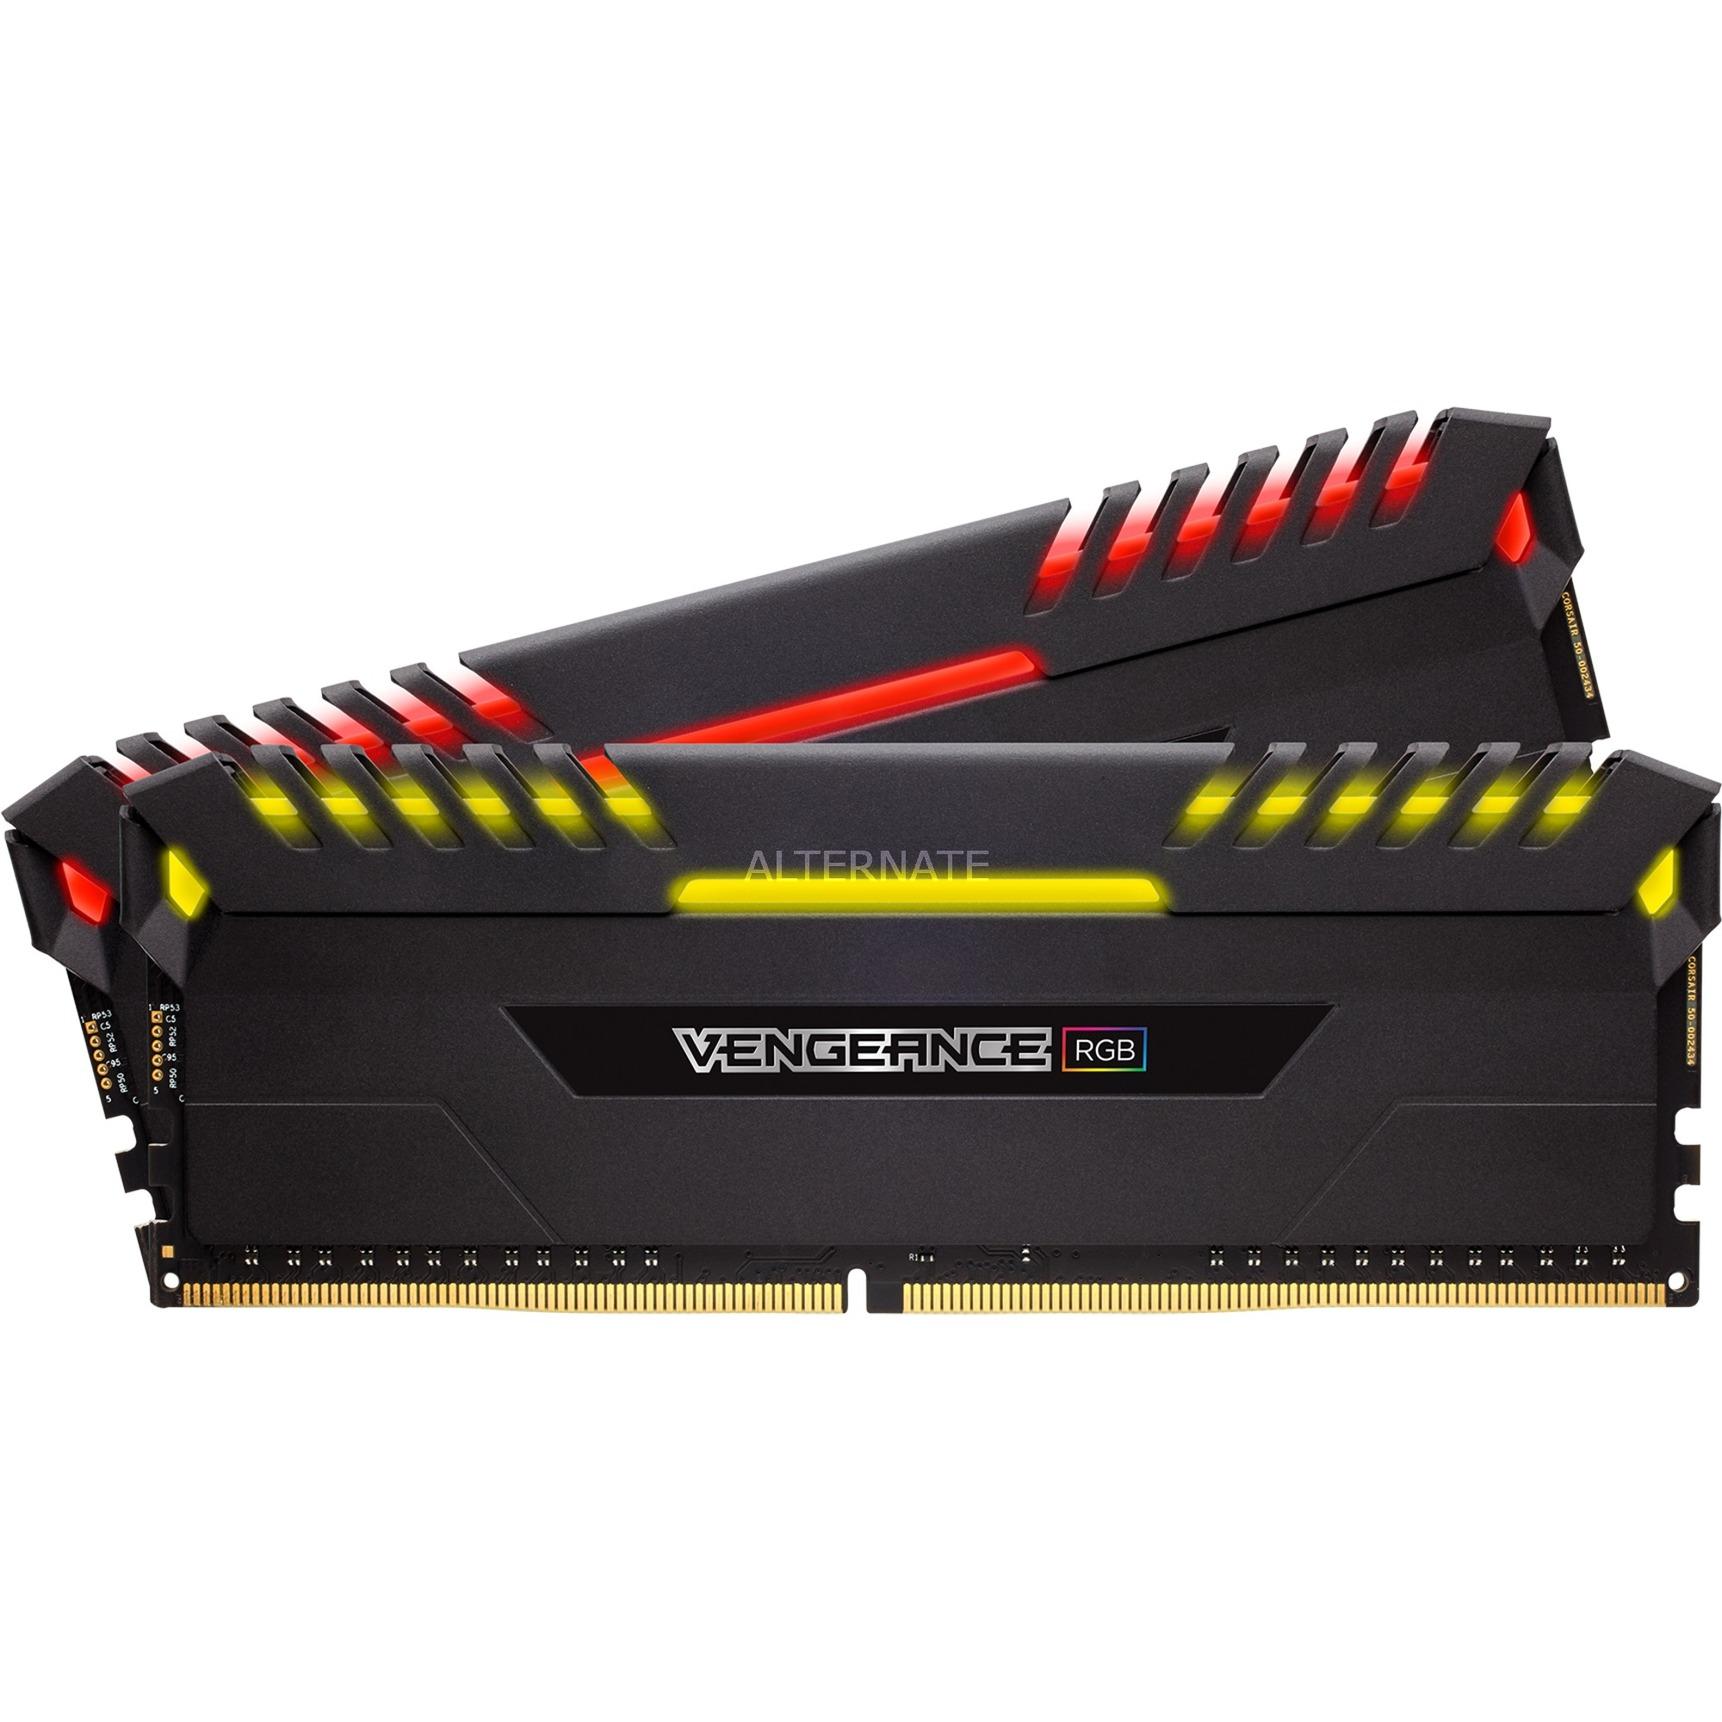 Vengeance 16GB DDR4 3200MHz 16Go DDR4 3200MHz module de mémoire